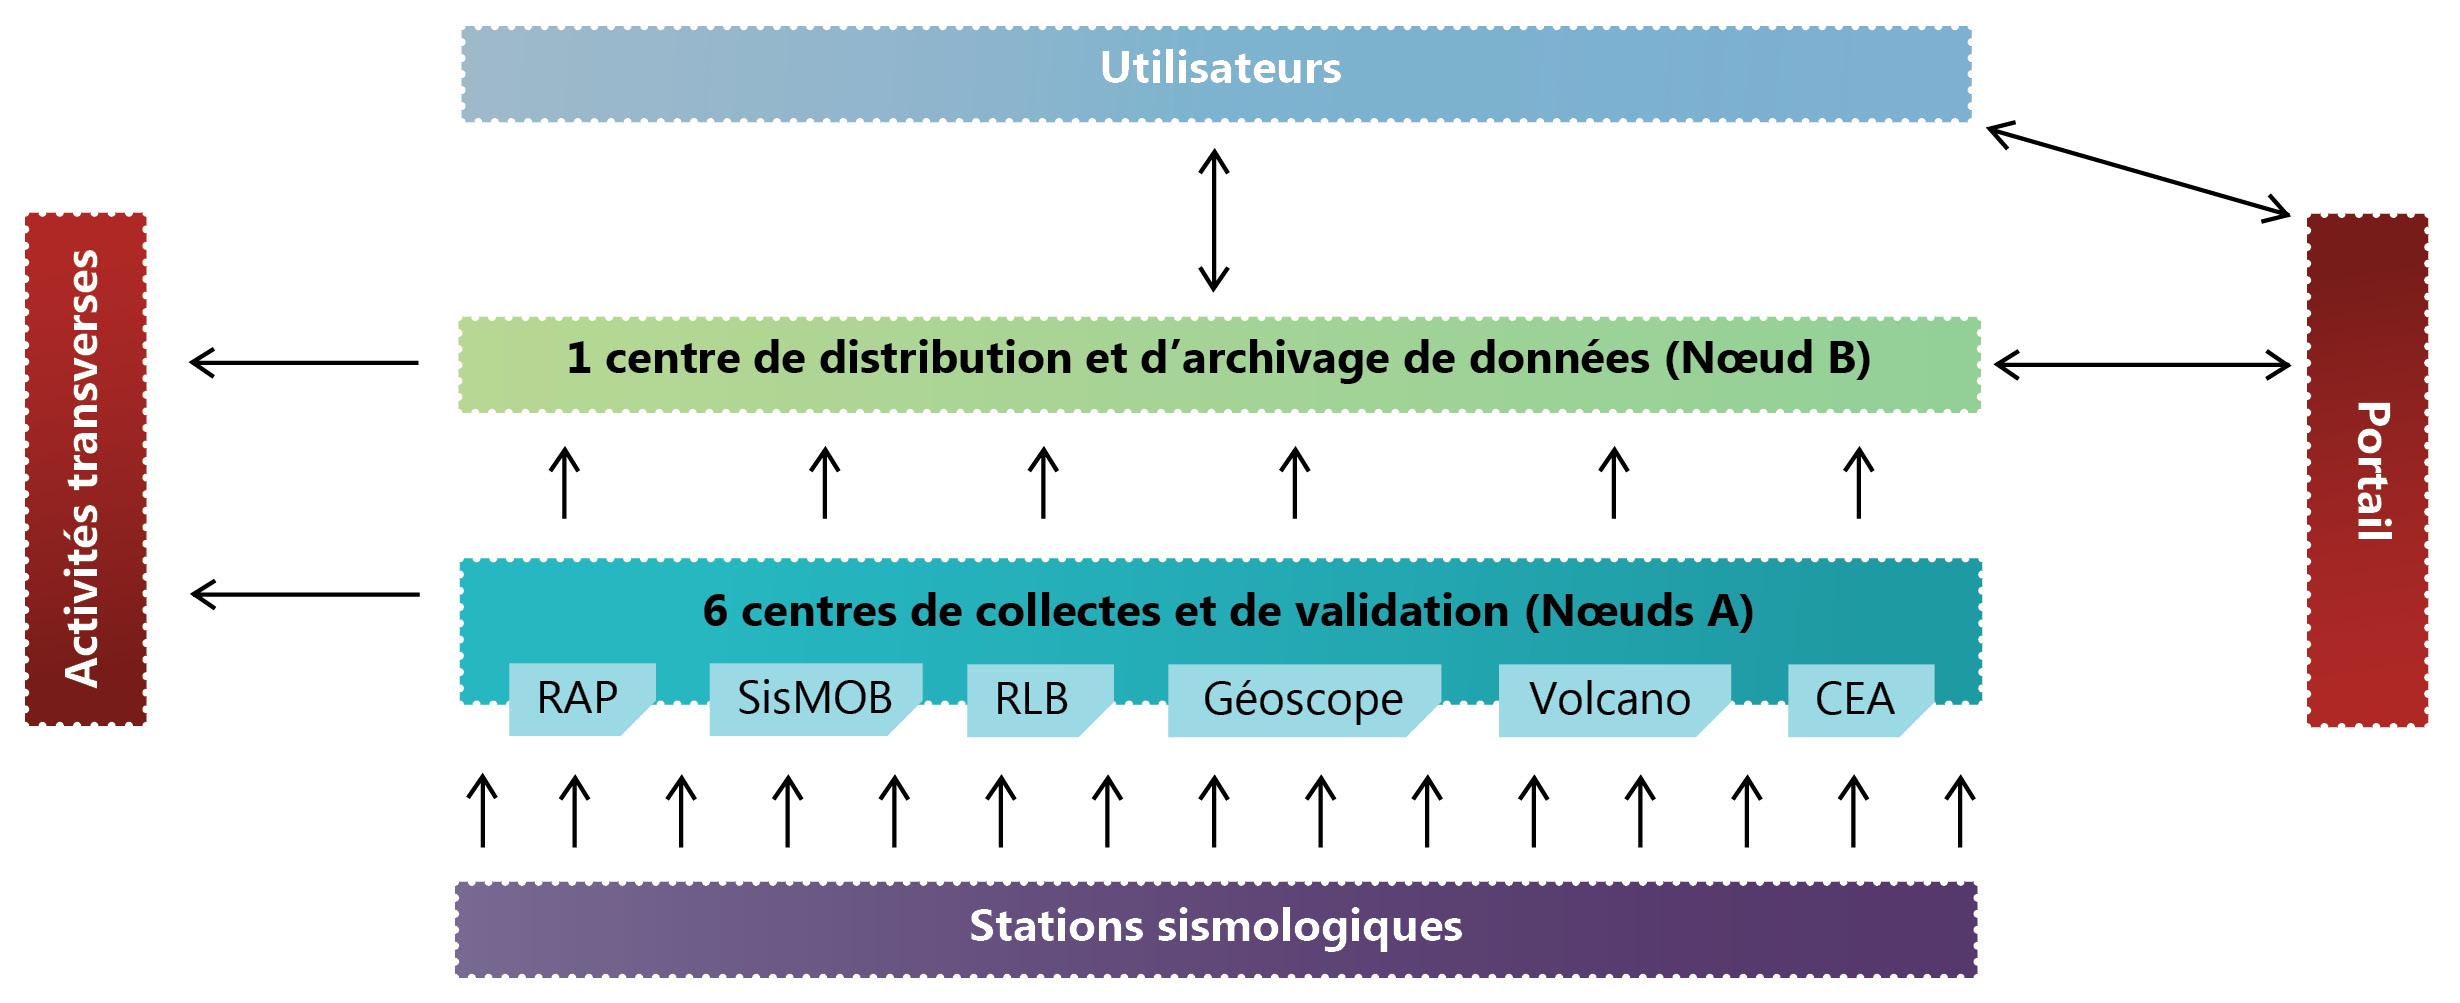 Architecture du système d'information sismologique Résif